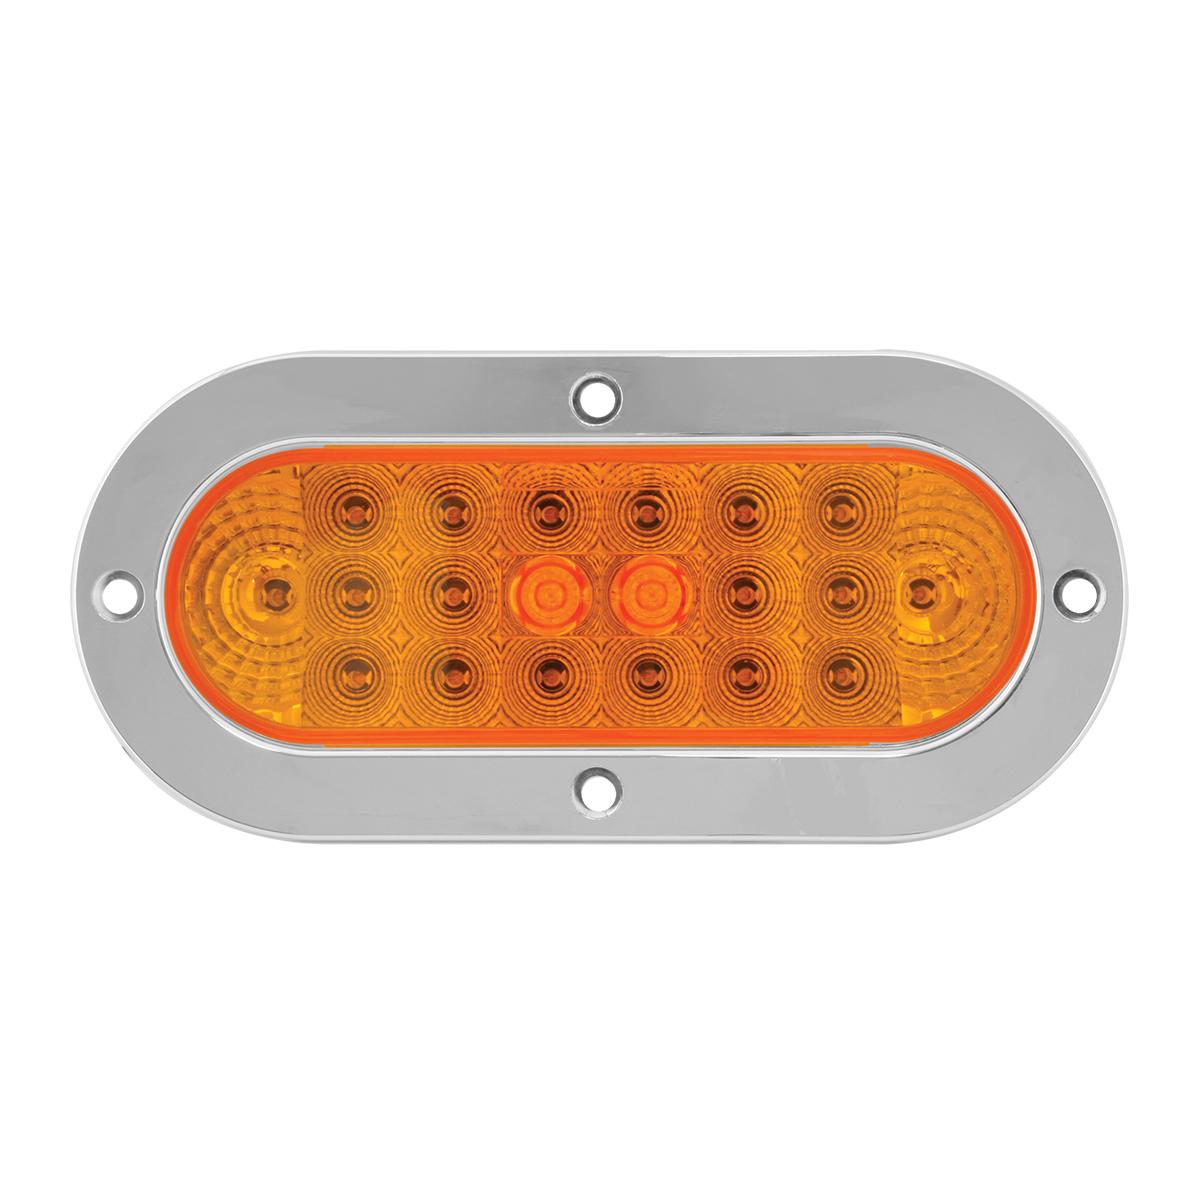 Oval Spyder LED Light w/ Stainless Steel or Chrome Plastic Bezel